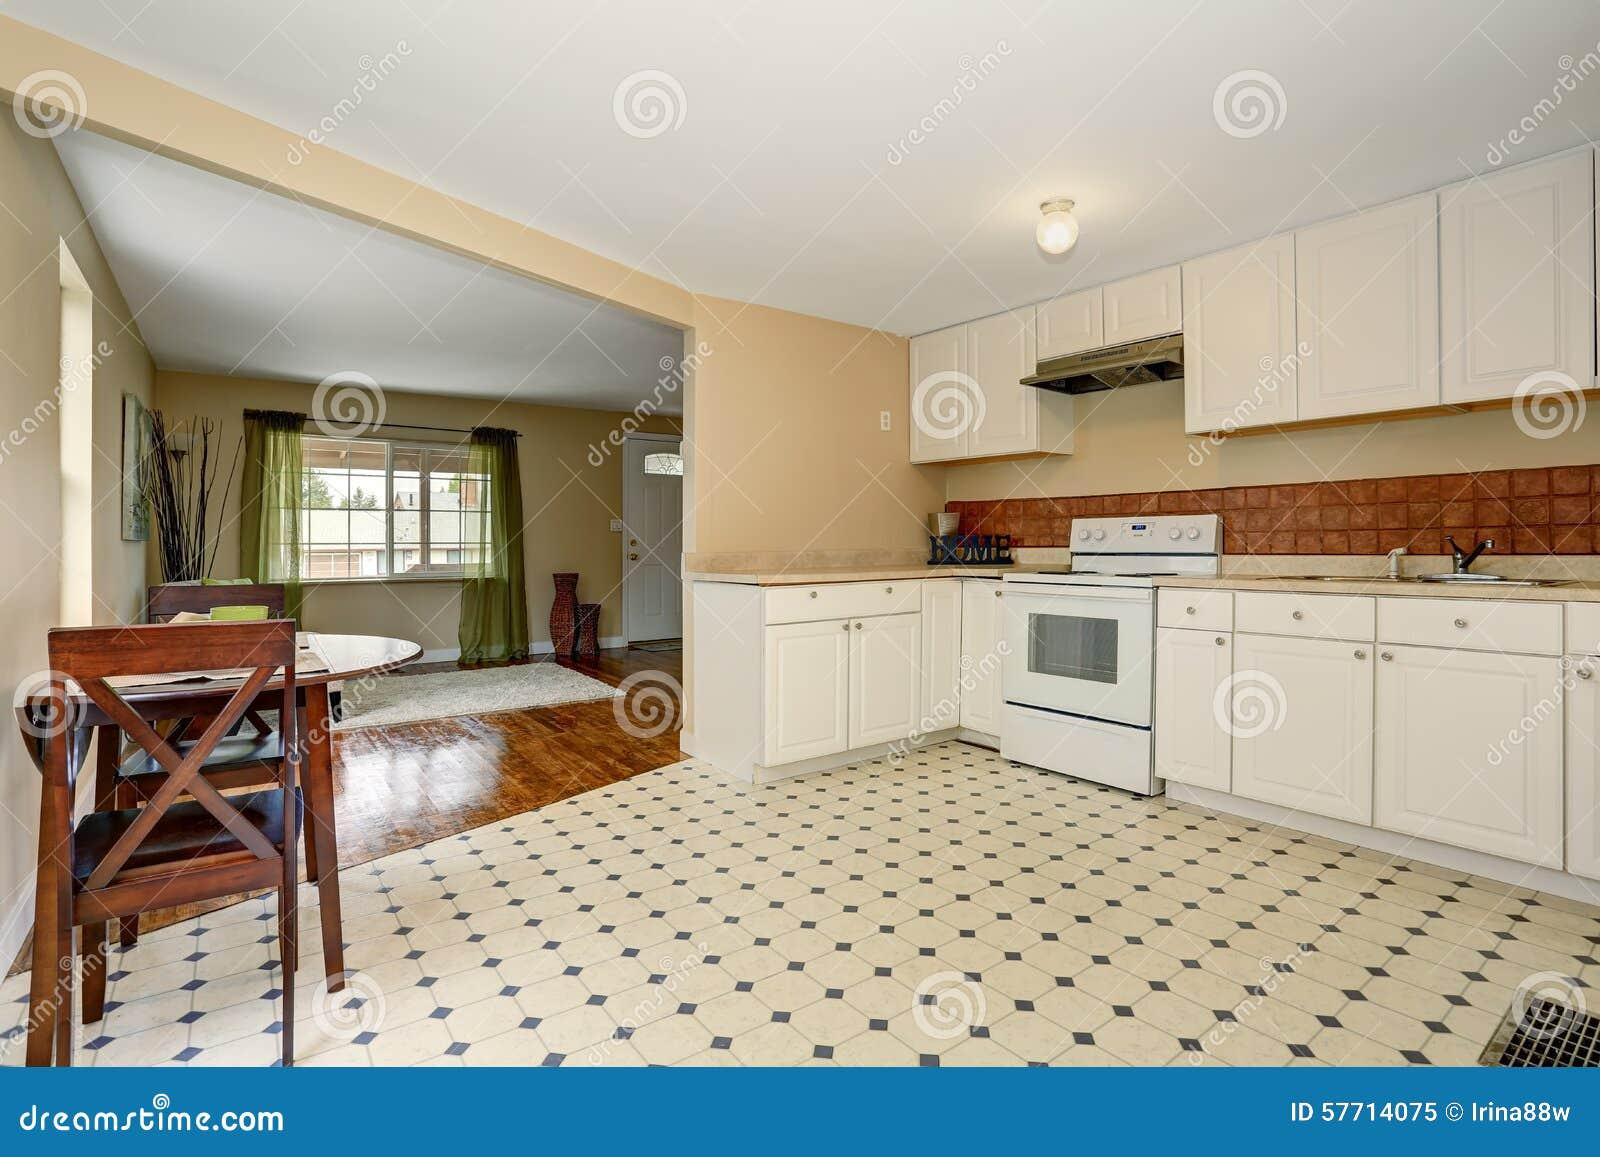 Cucina Molto Semplice Con La Pavimentazione In Piastrelle Immagine ...